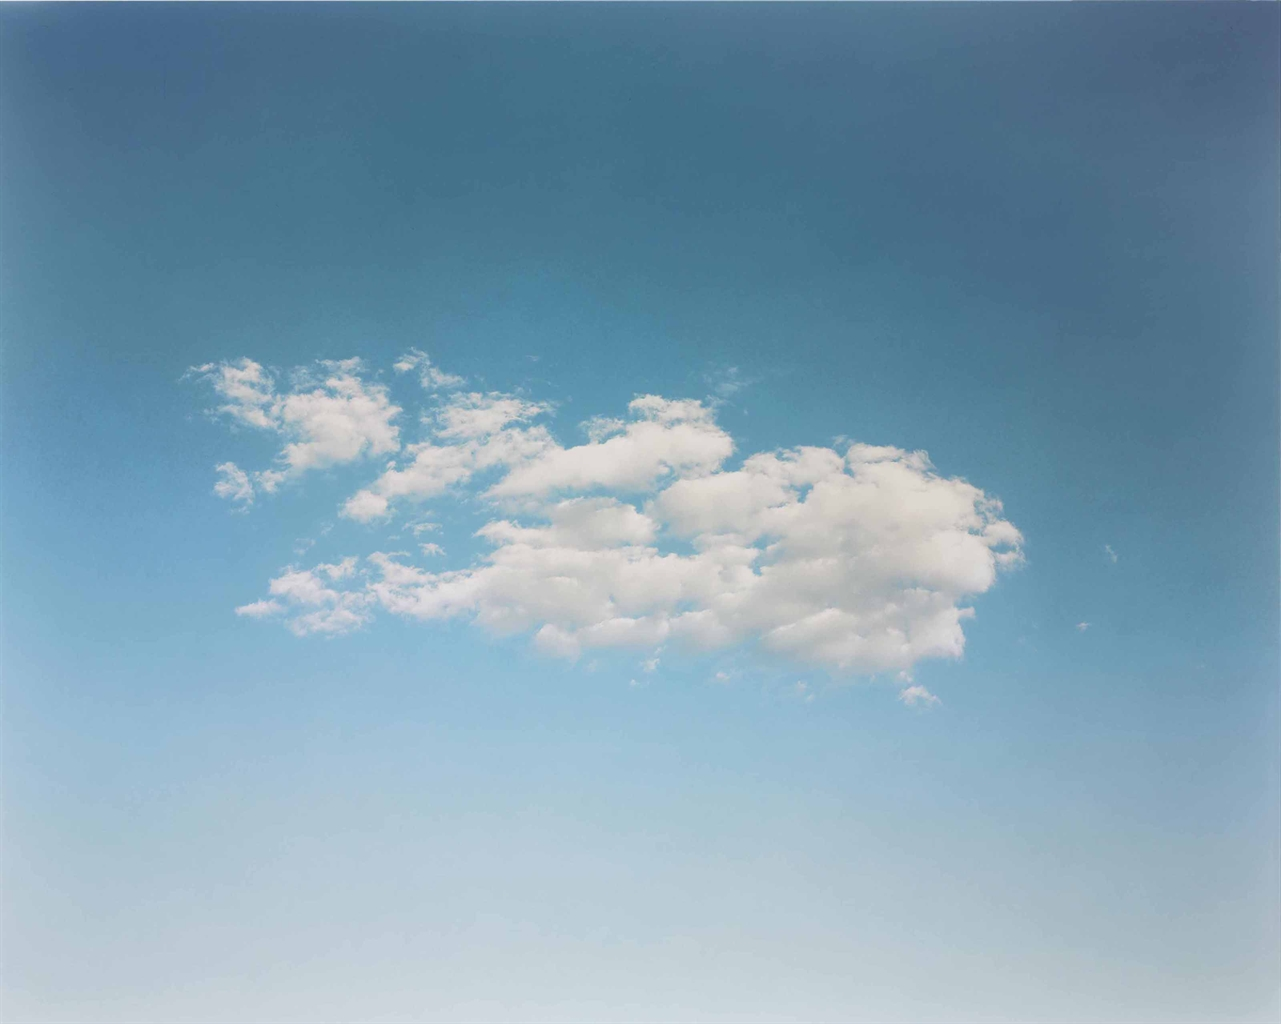 Richard Misrach-Cloud #333-1993